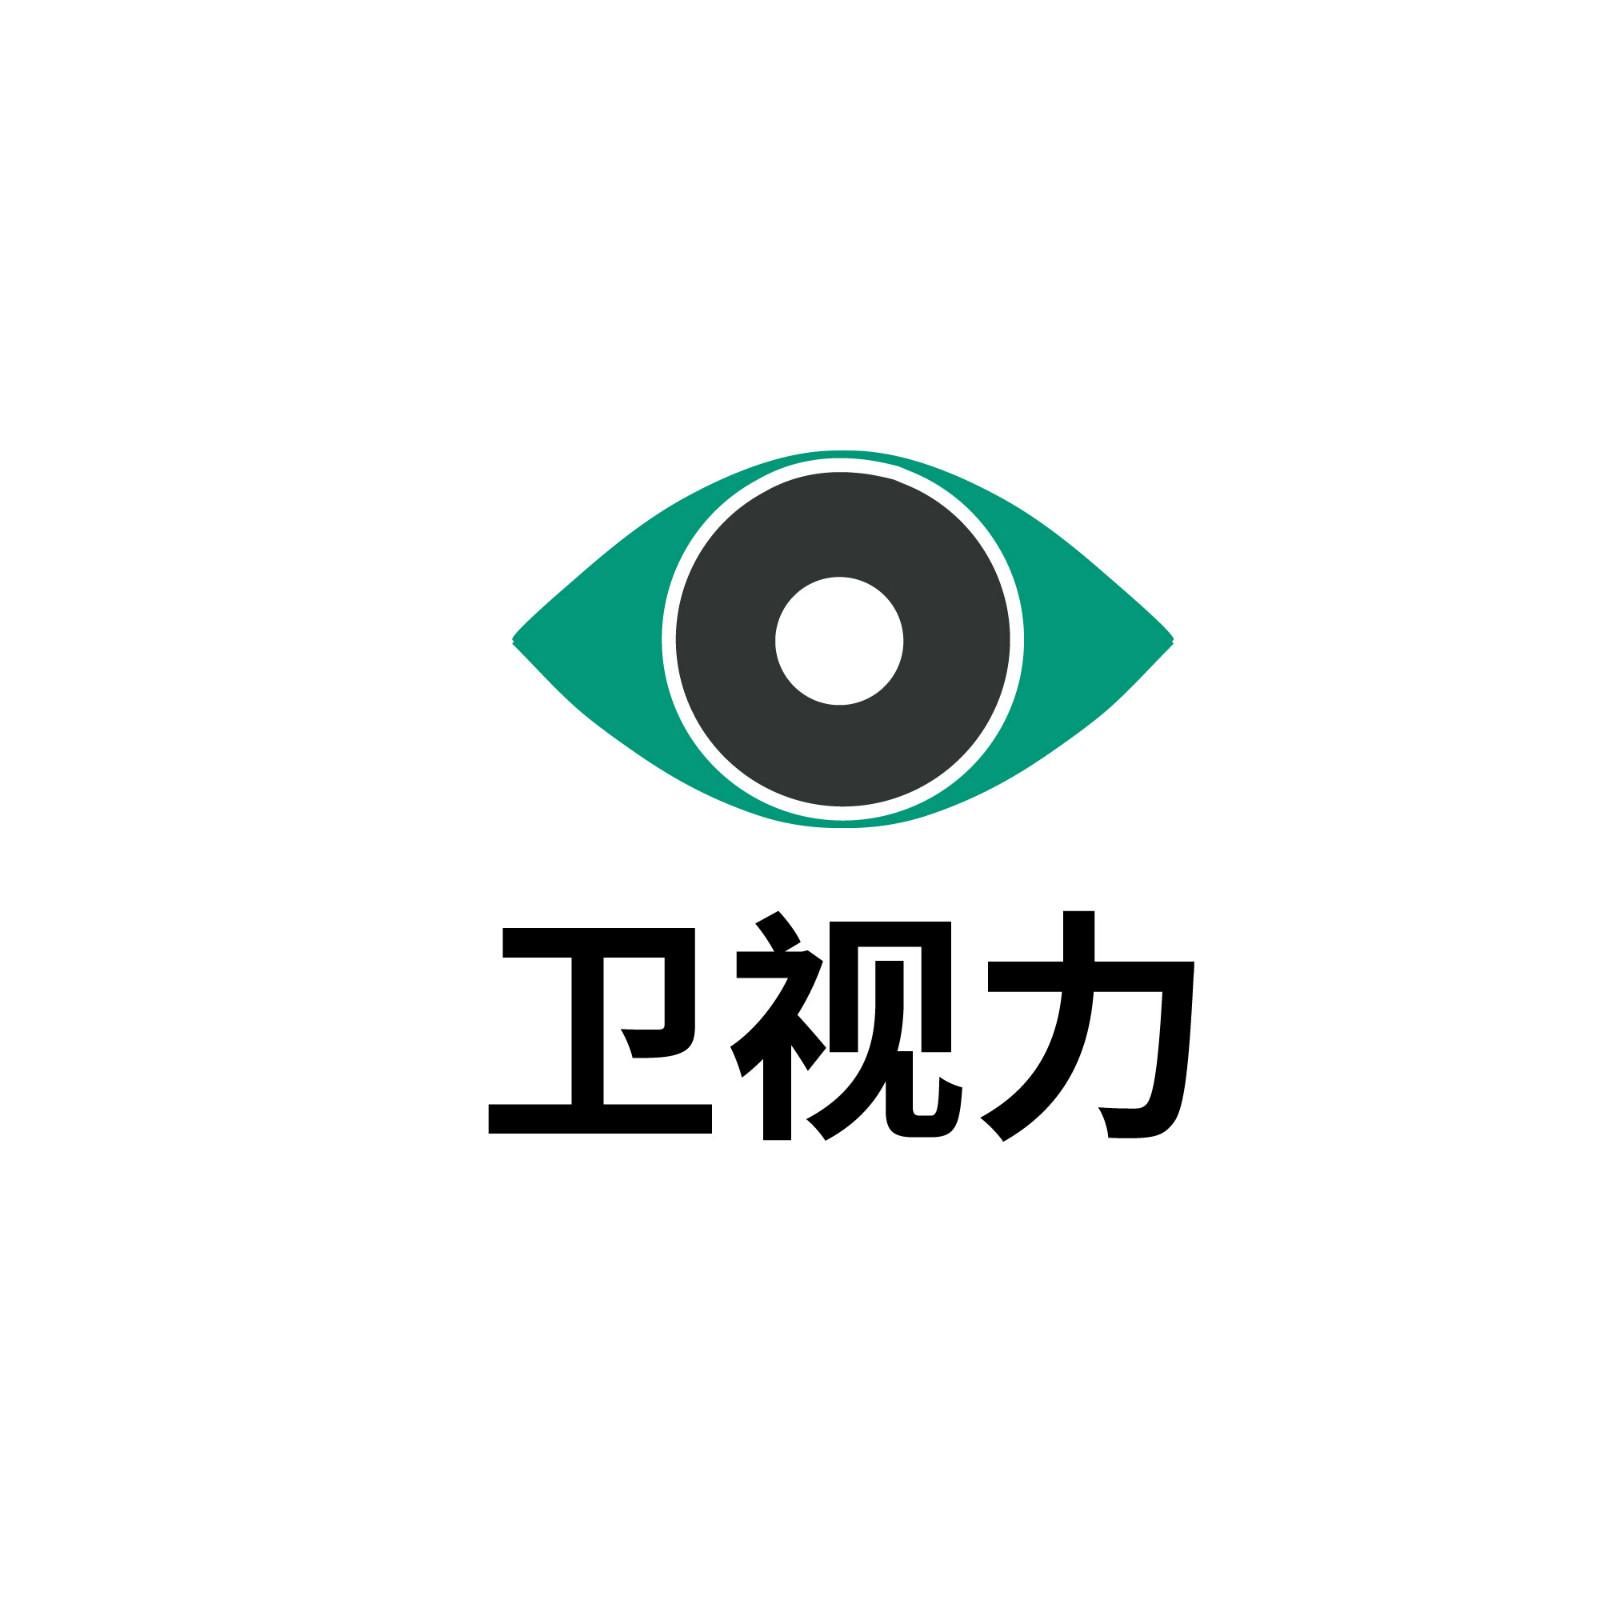 北京卫视力视光科技有限公司